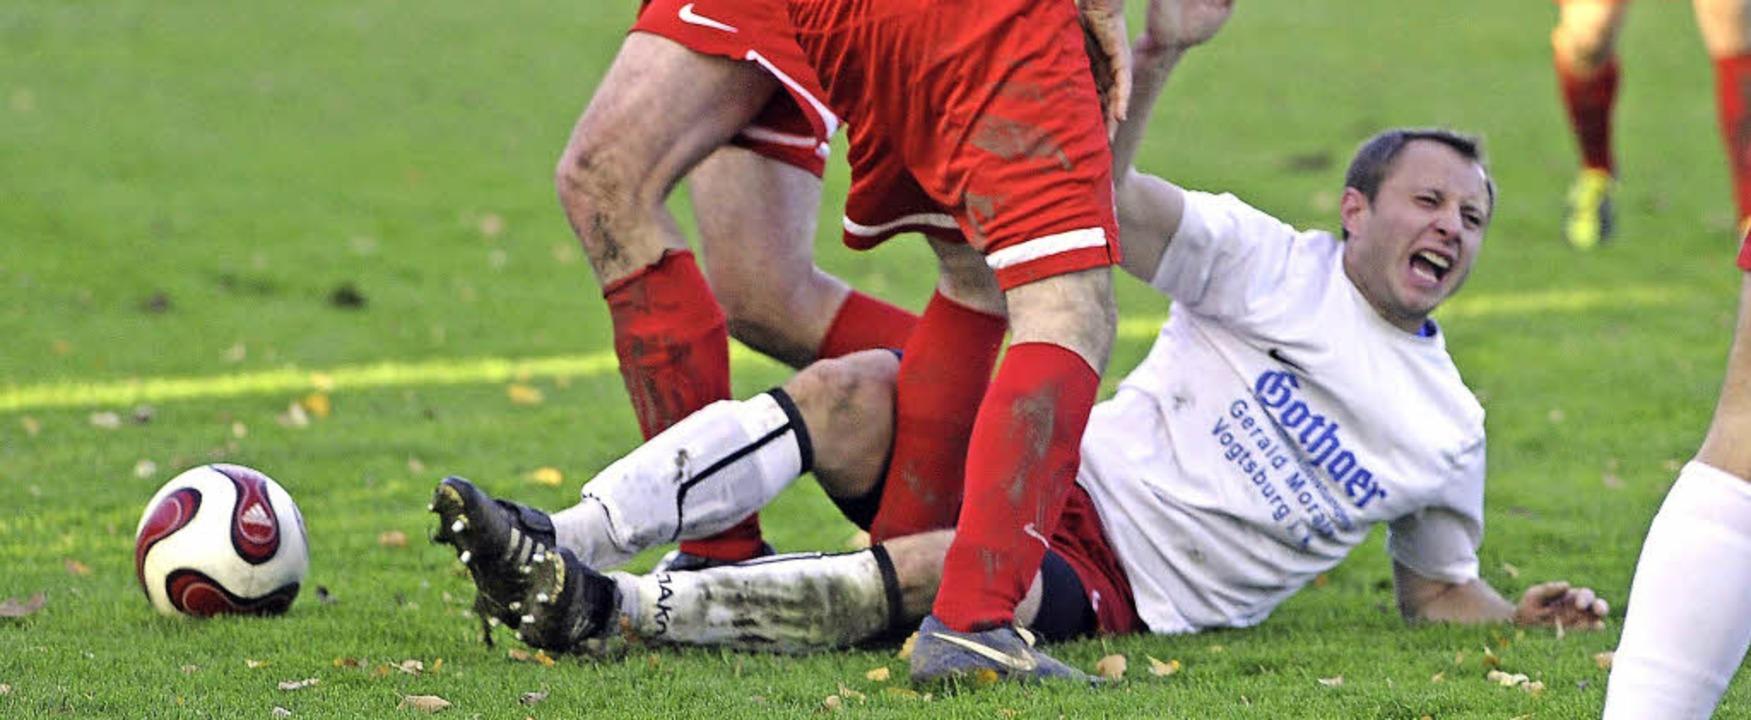 Auch sportlich geht es zwischen den Vogtsburger Fußballvereinen ruppig zu.    Foto: Joachim Keller